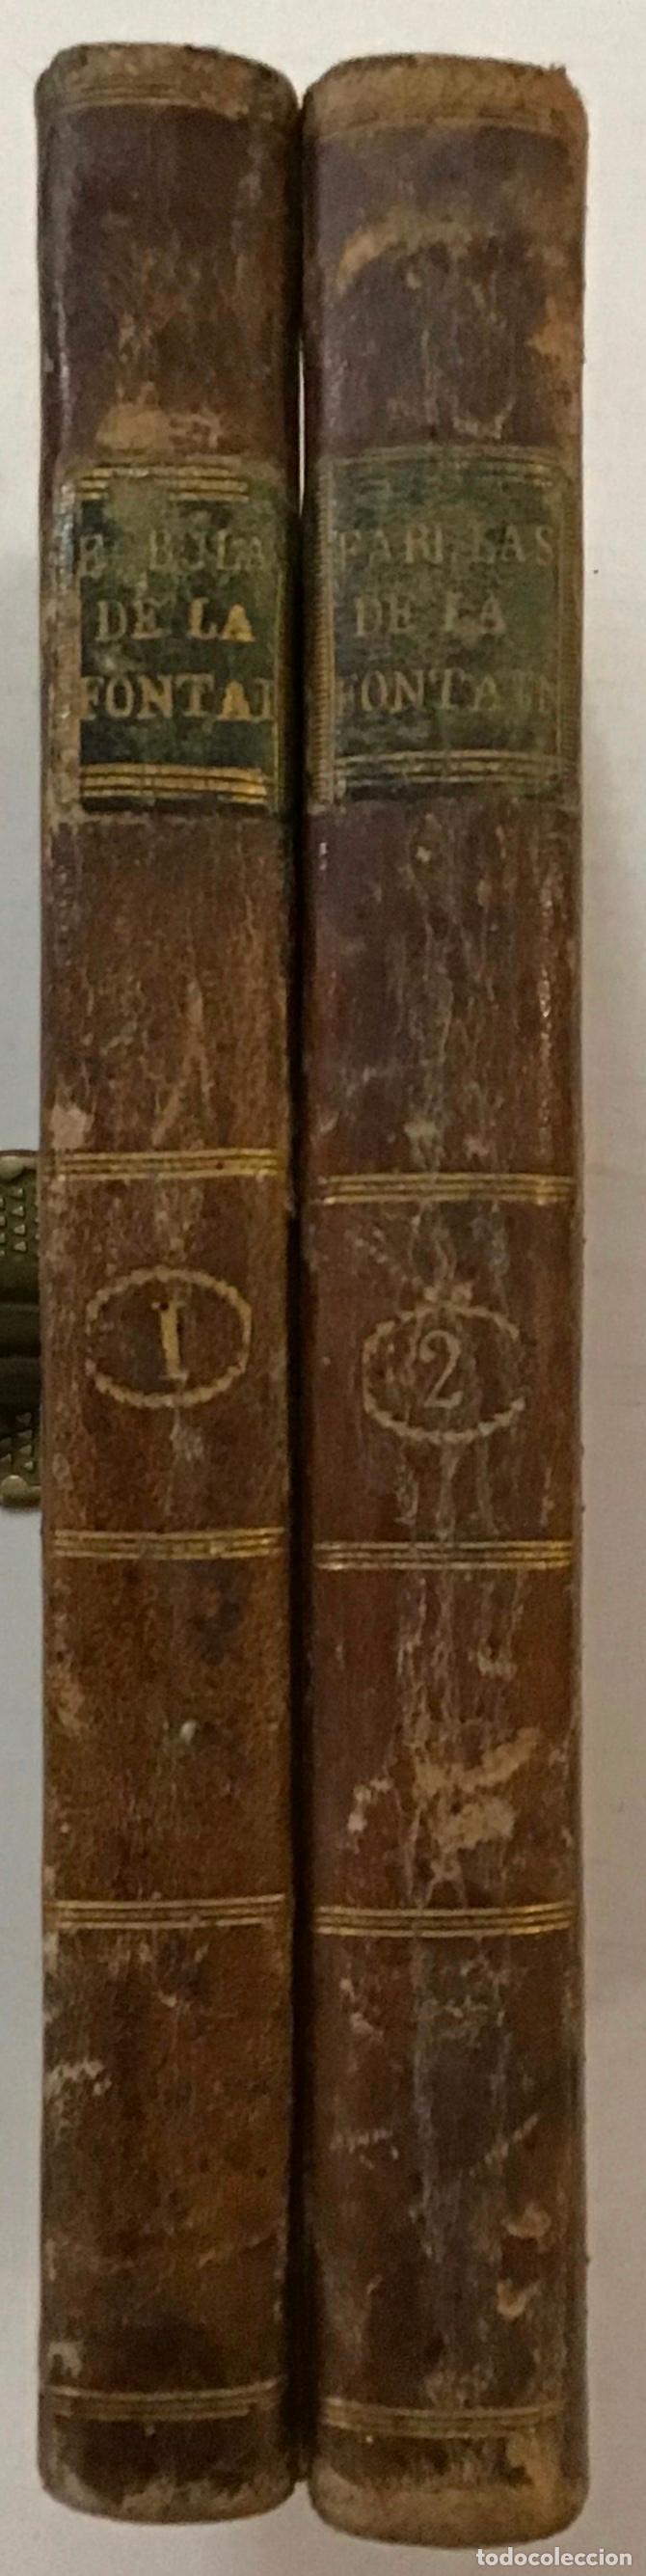 Libros antiguos: FÁULAS MORALES DE... EN VERSO CASTELLANO POR BERNARDO MARÍA DE CALZADA. - FONTAINE, Juan de la. - Foto 2 - 123189391